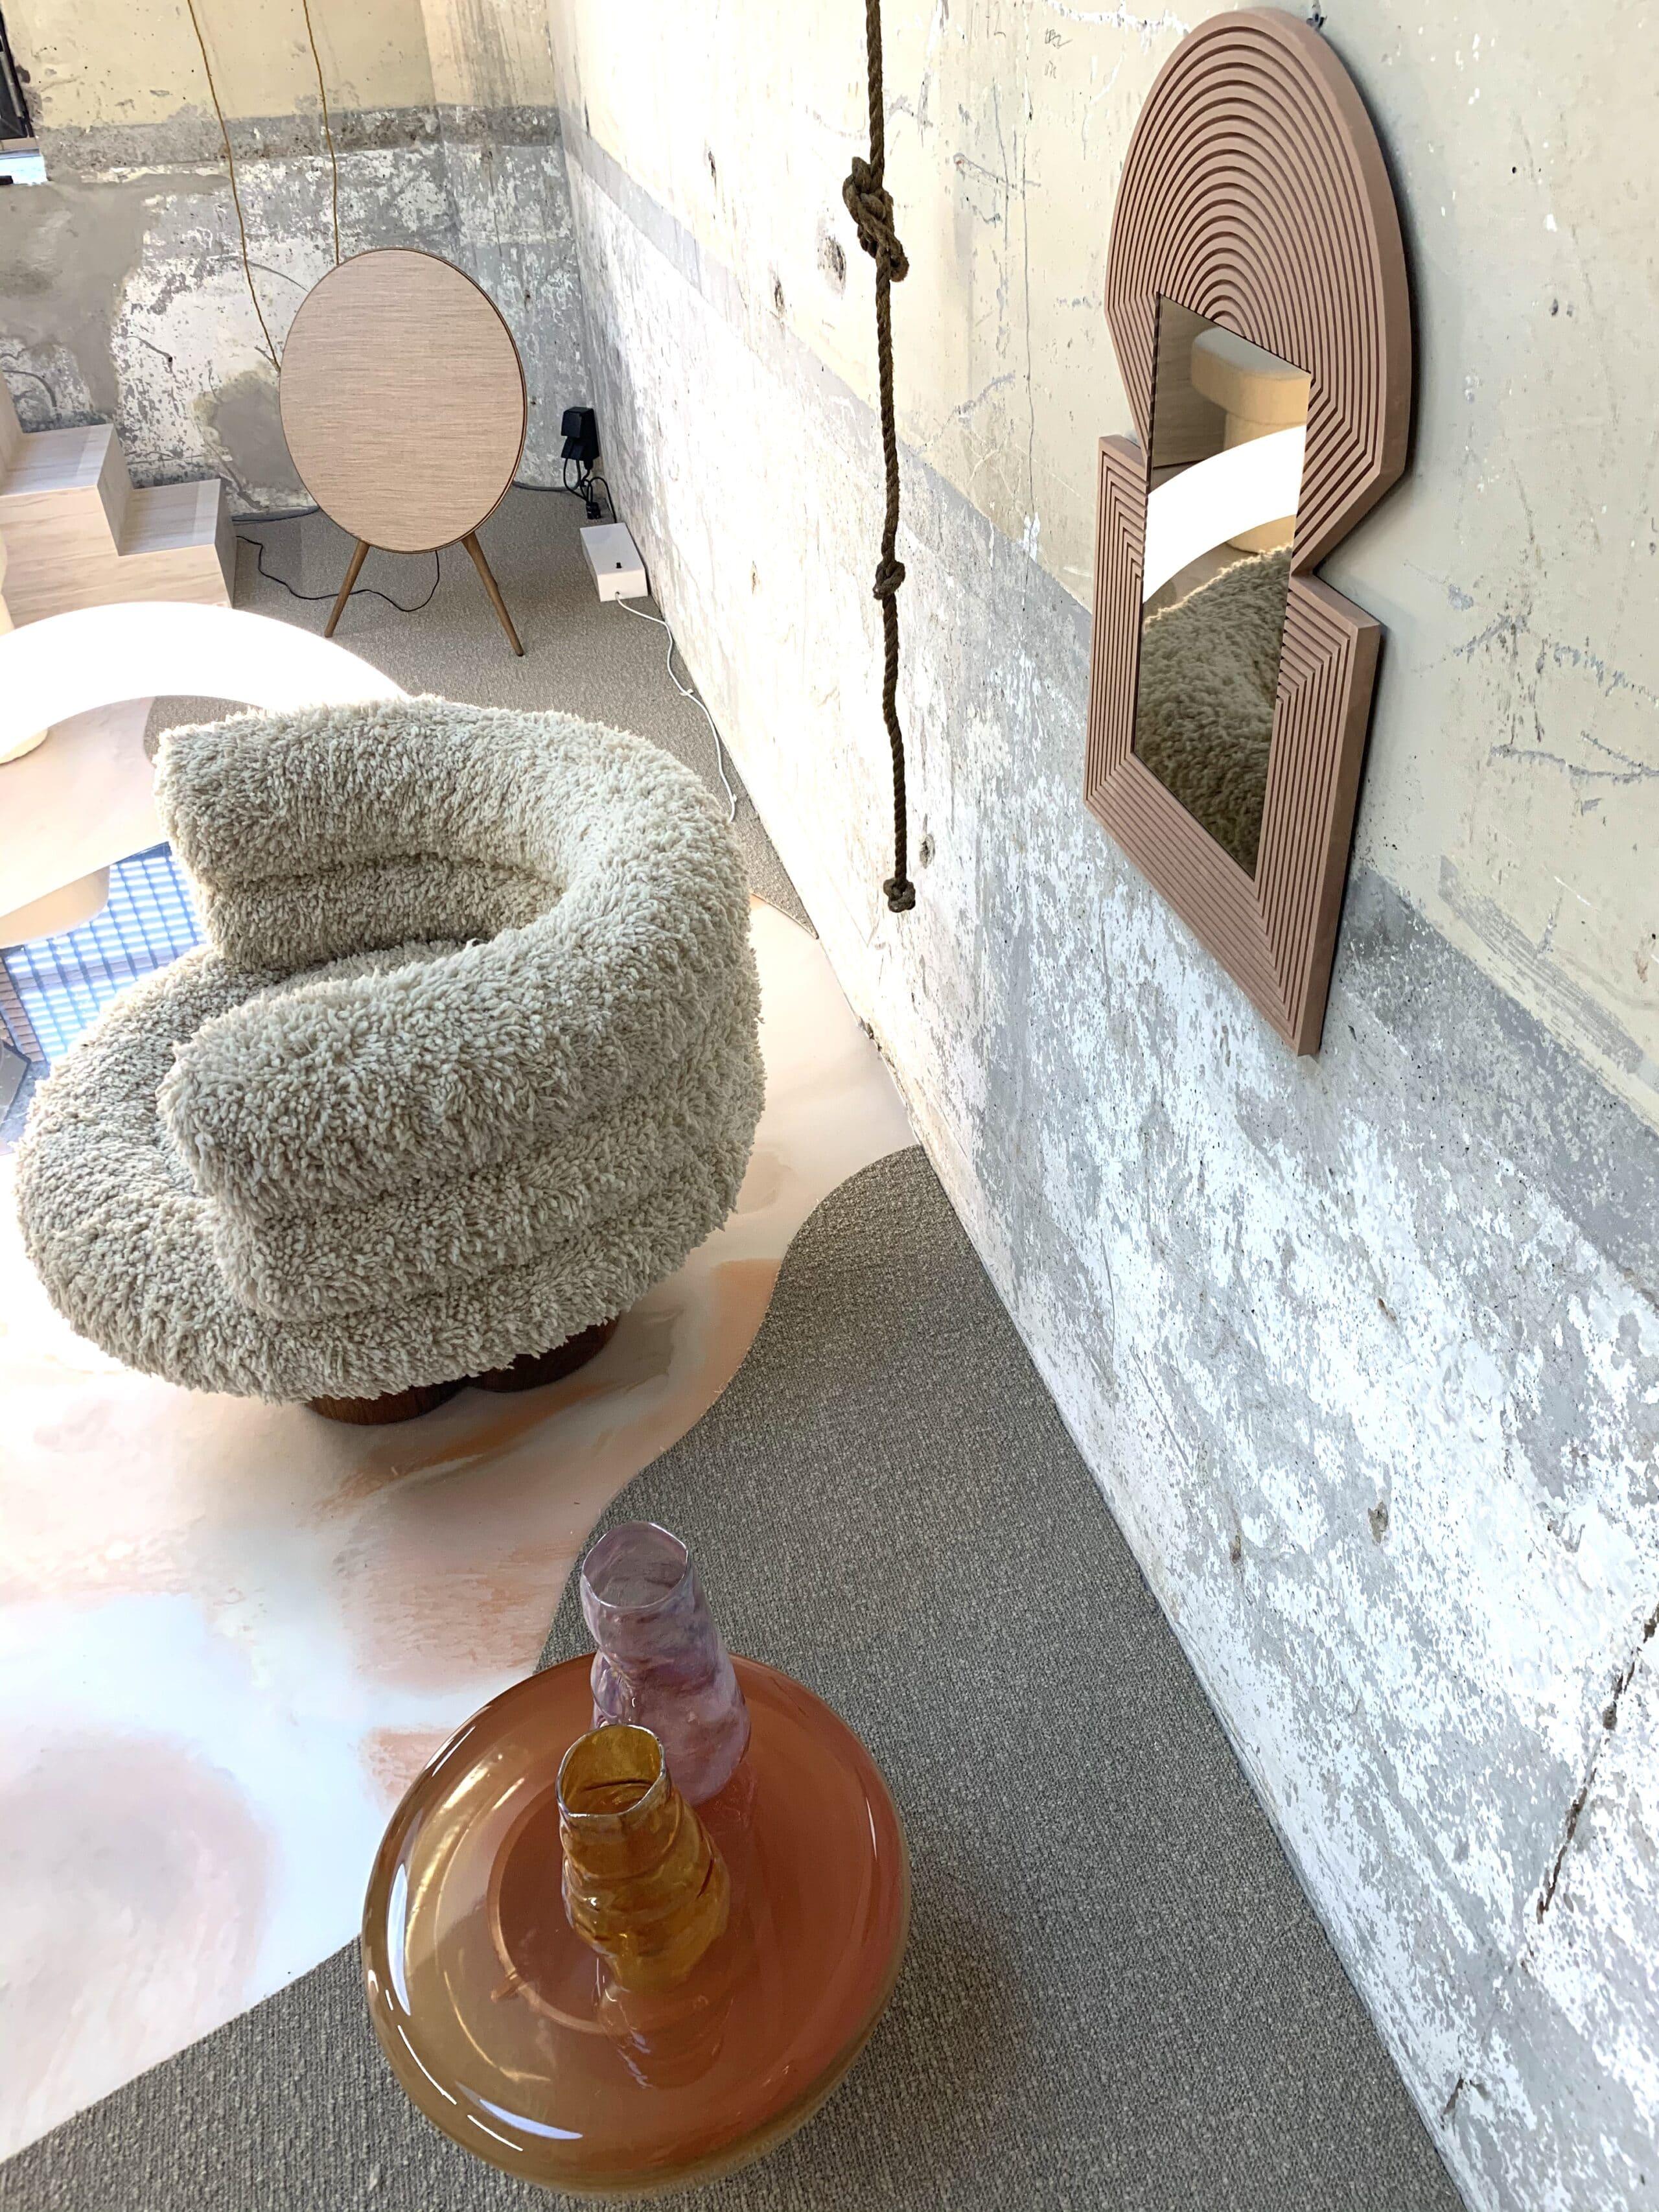 ELLE décoration - Fluid forces - Dutch Design week